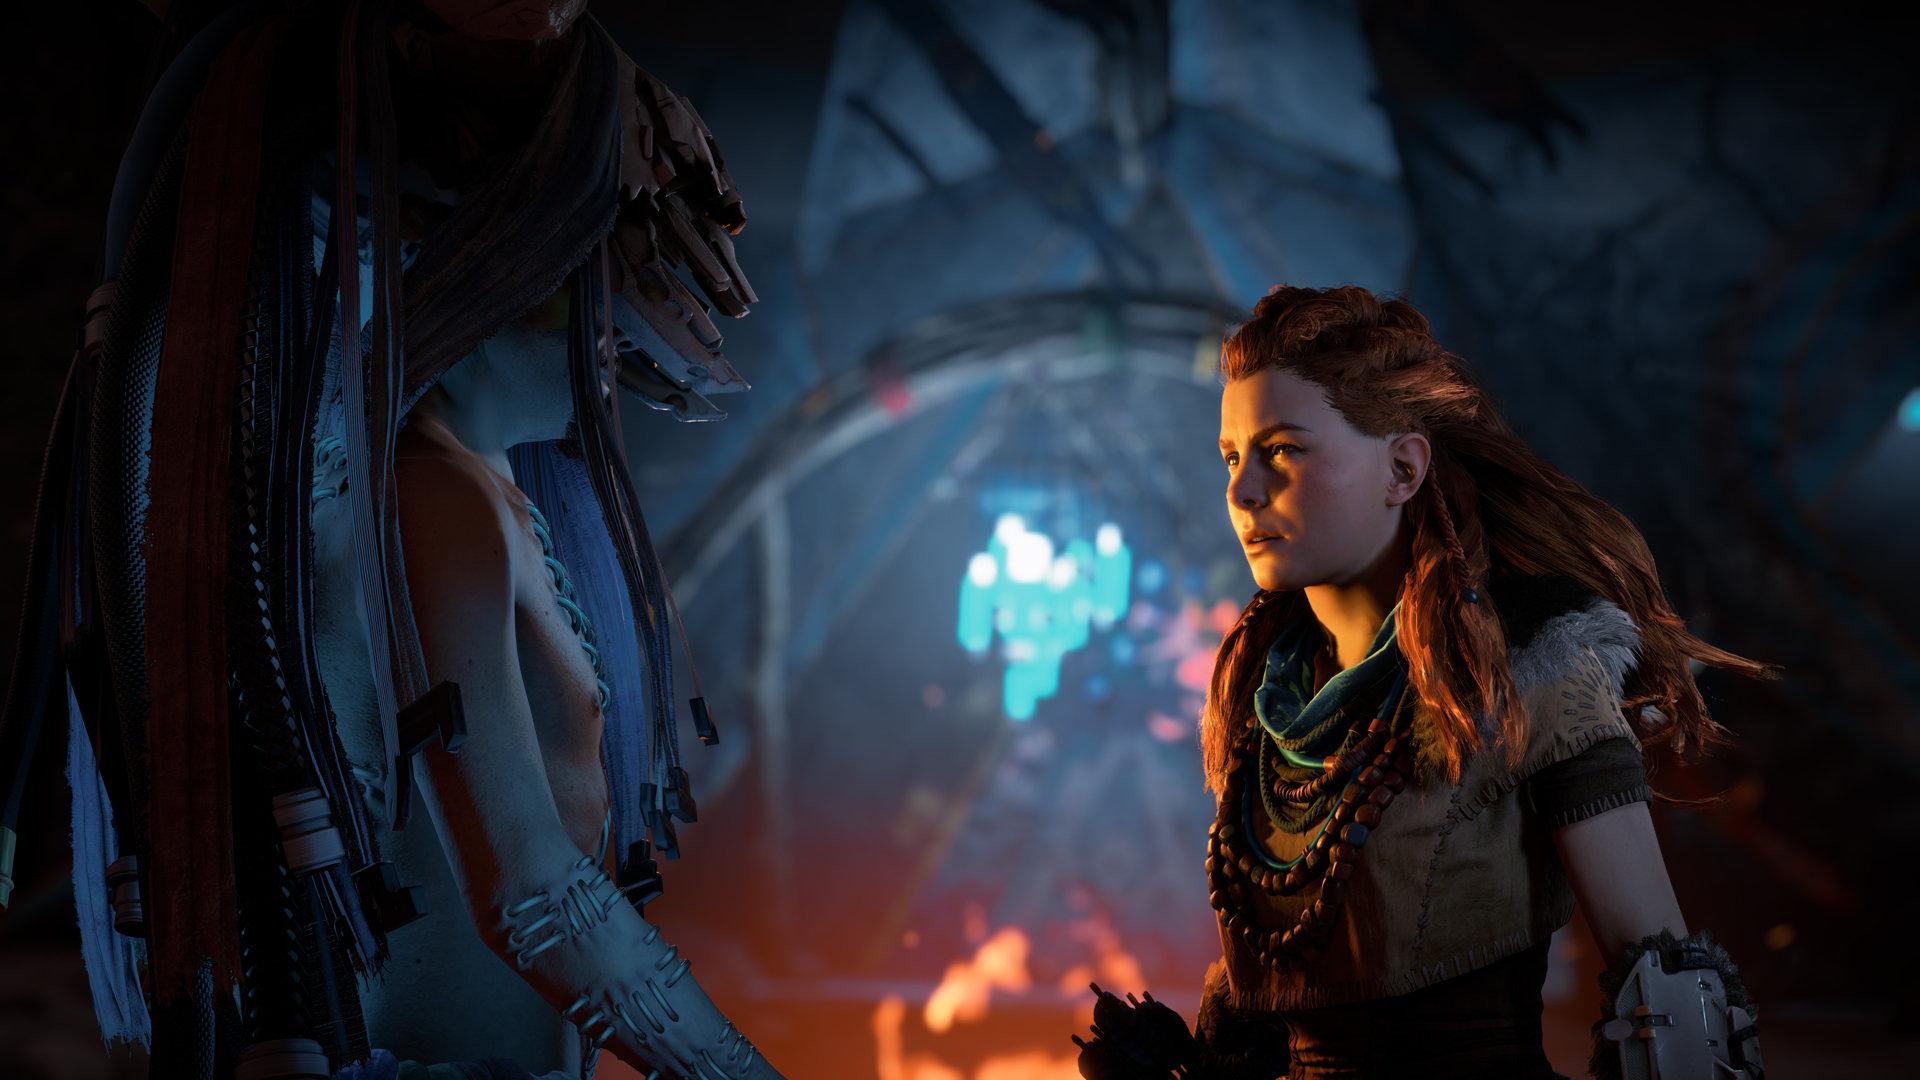 Retrouvez l'héroïne Aloy dans de nouvelles aventures dans The Frozen Wilds